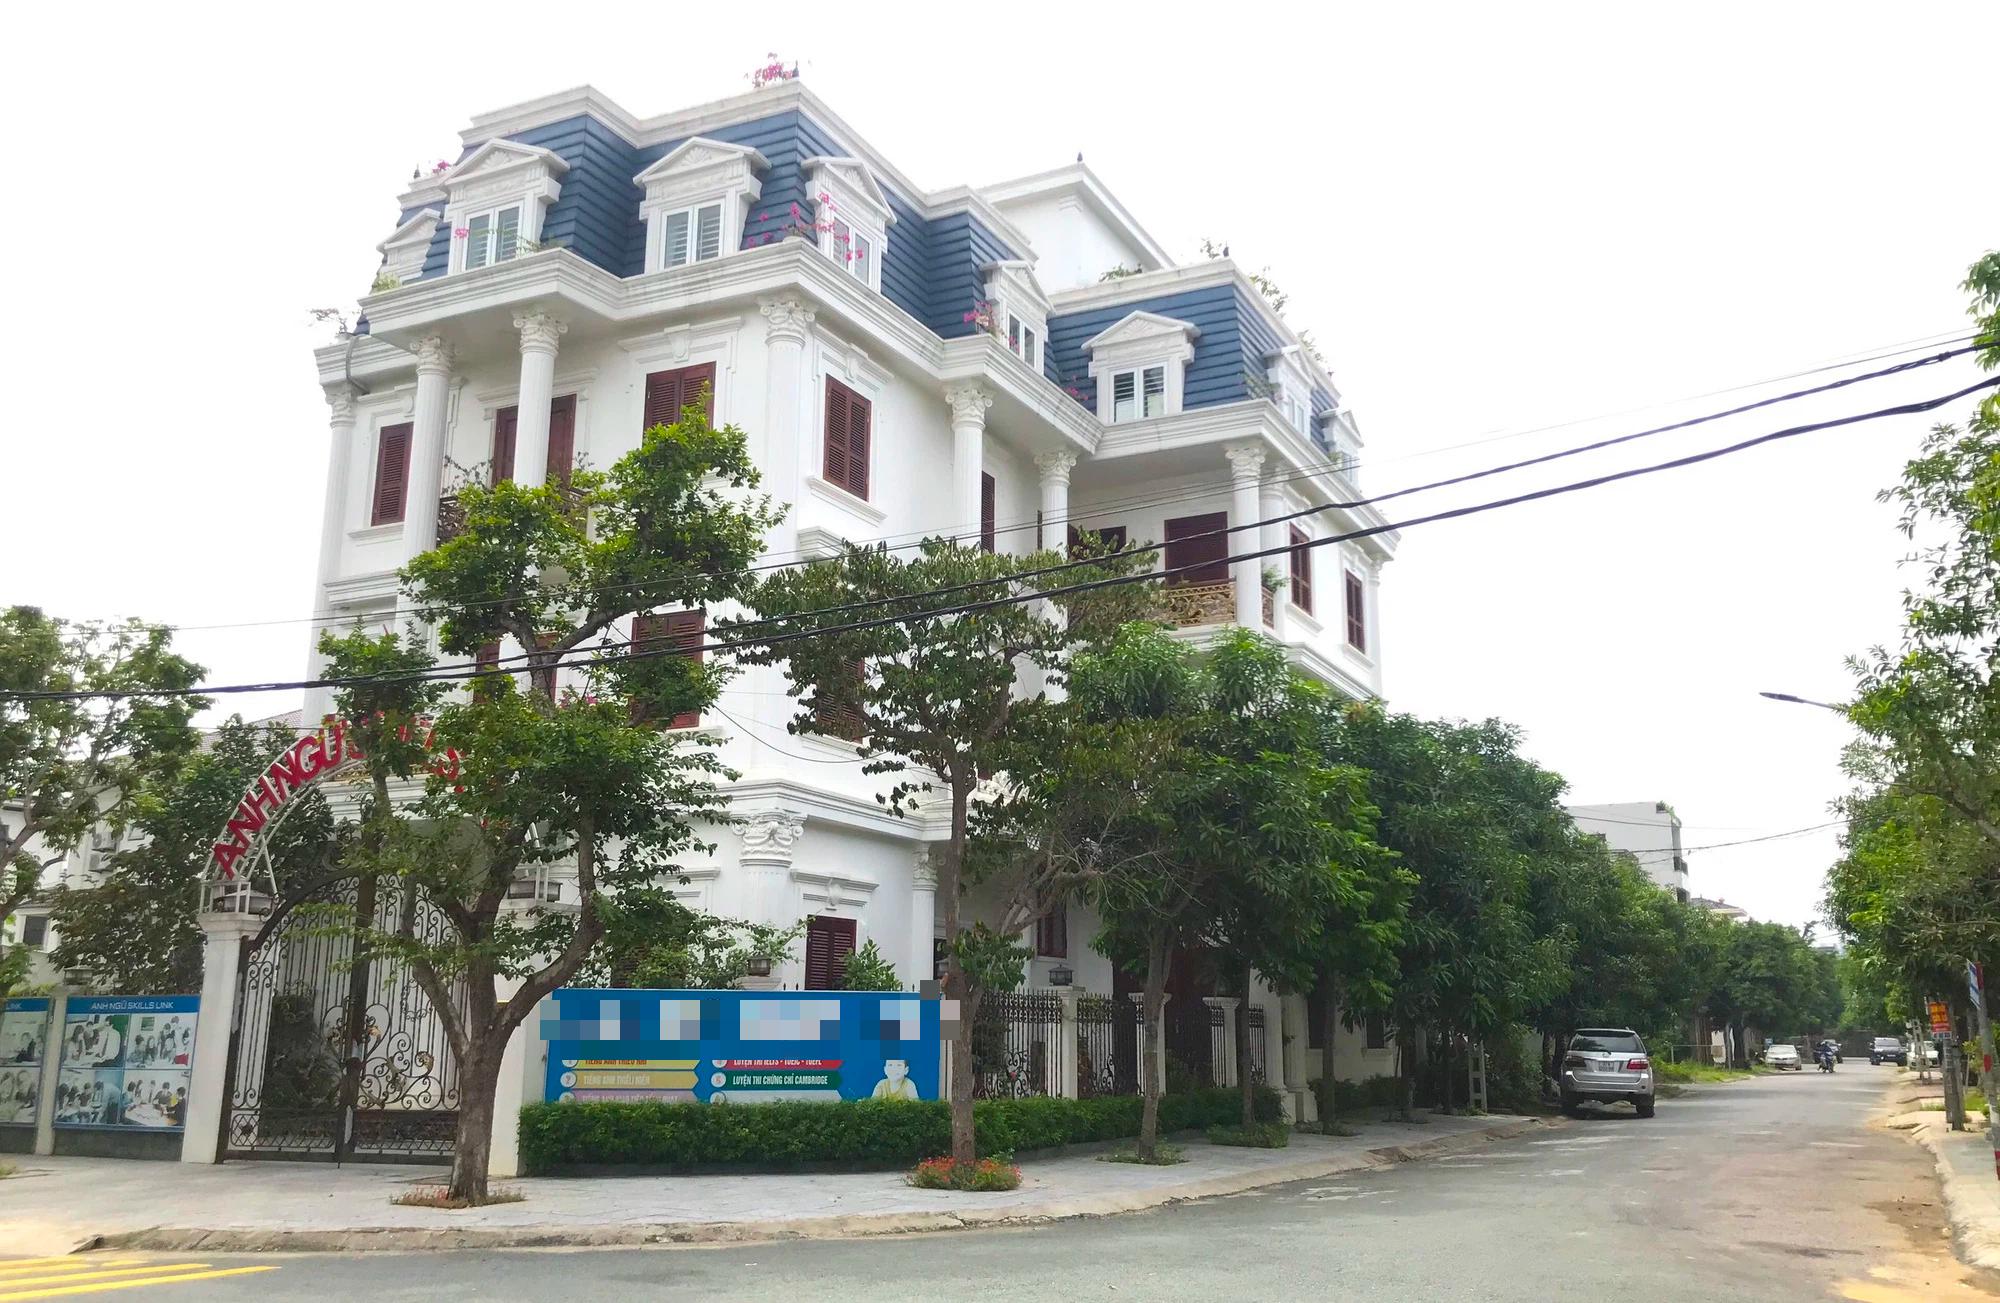 Cận cảnh khu đô thị vip ở Nghệ An khiến 2 vợ chồng đại gia bị bắt giam - Ảnh 8.